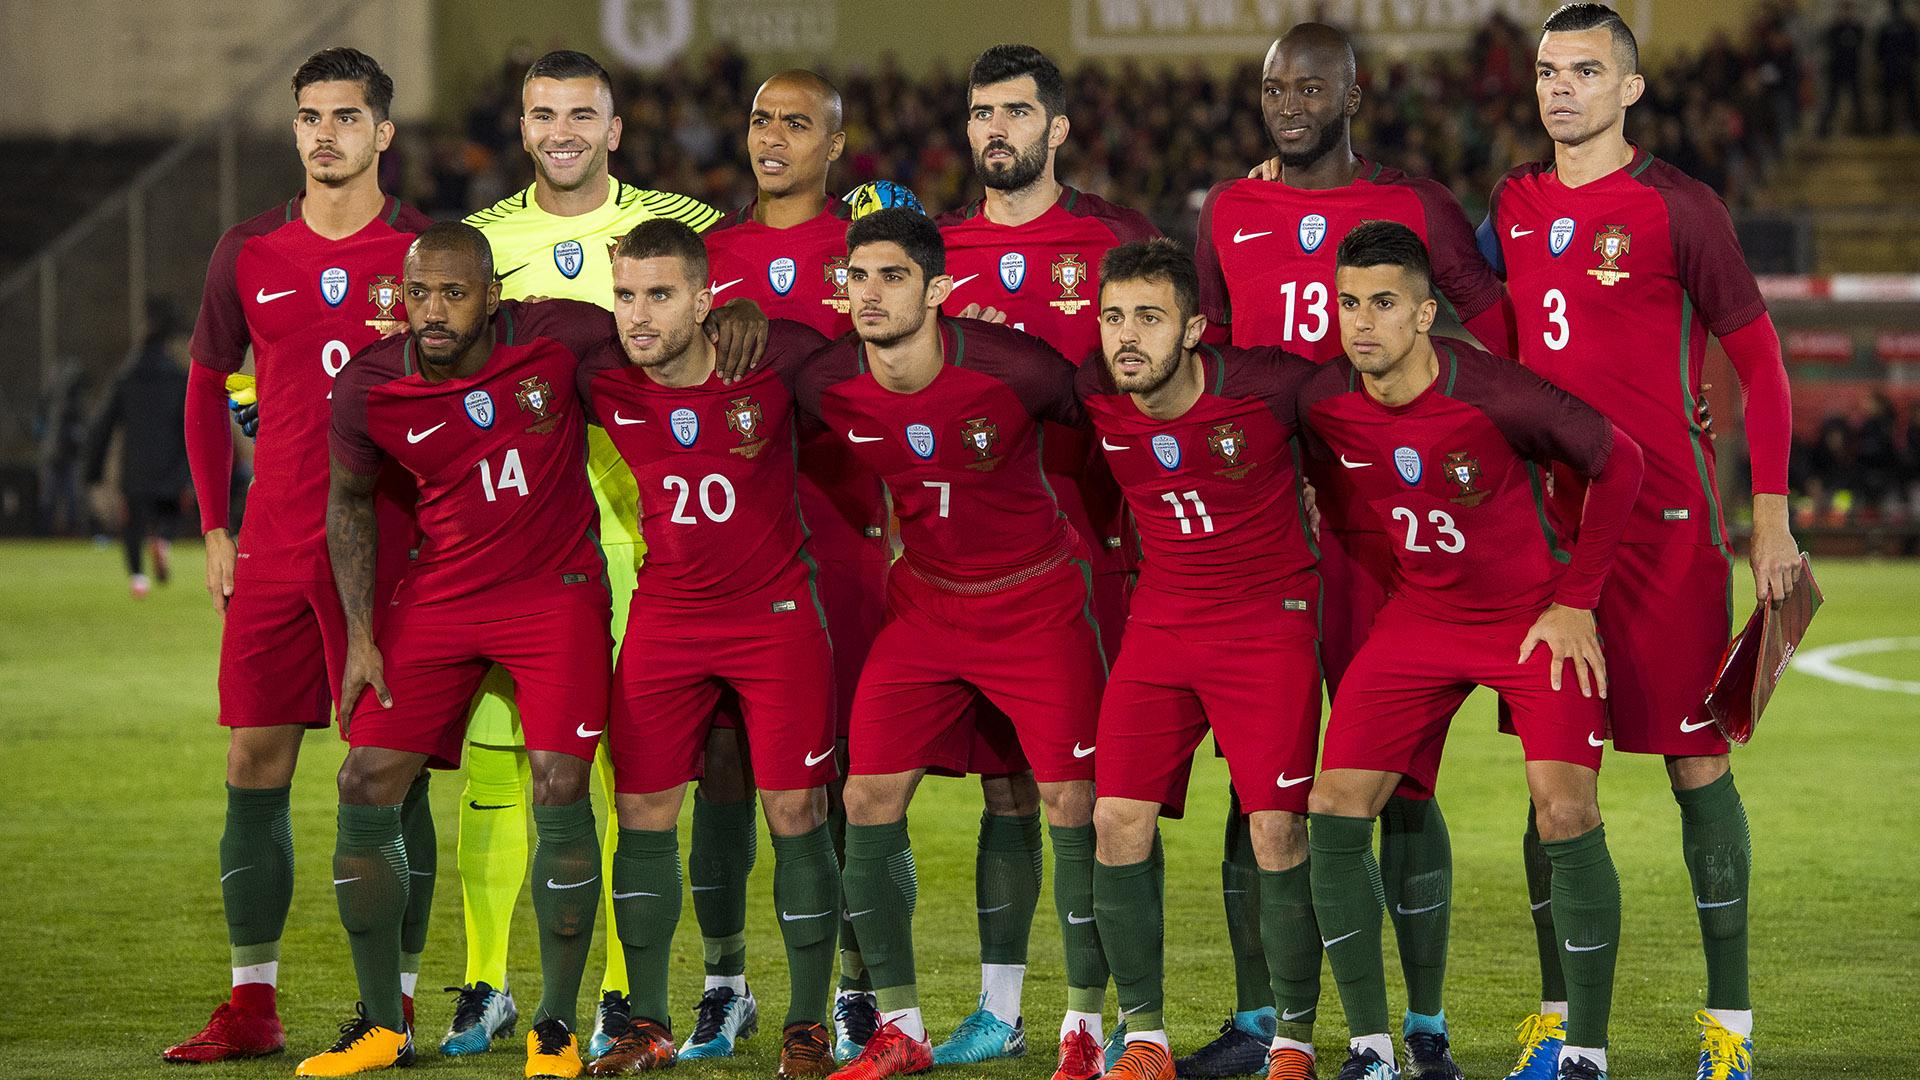 Con un promedio de edad de 25 años, el valor de Portugal es de 332,93 millones de dólares